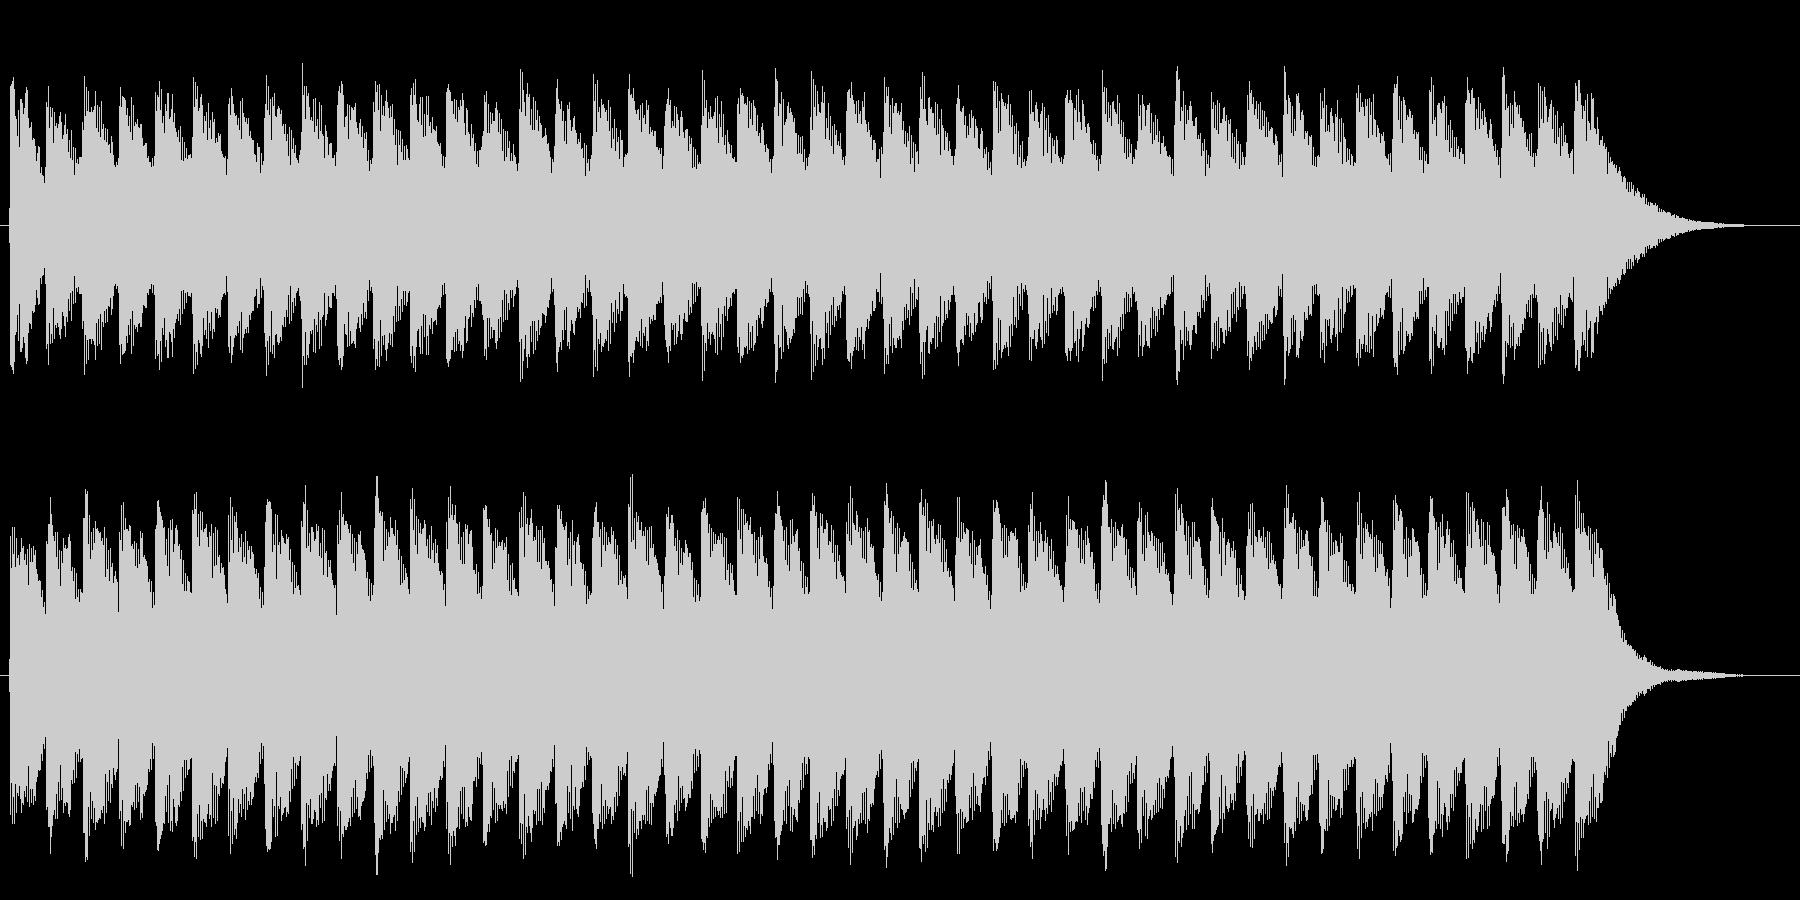 踏切 警報音01-2の未再生の波形